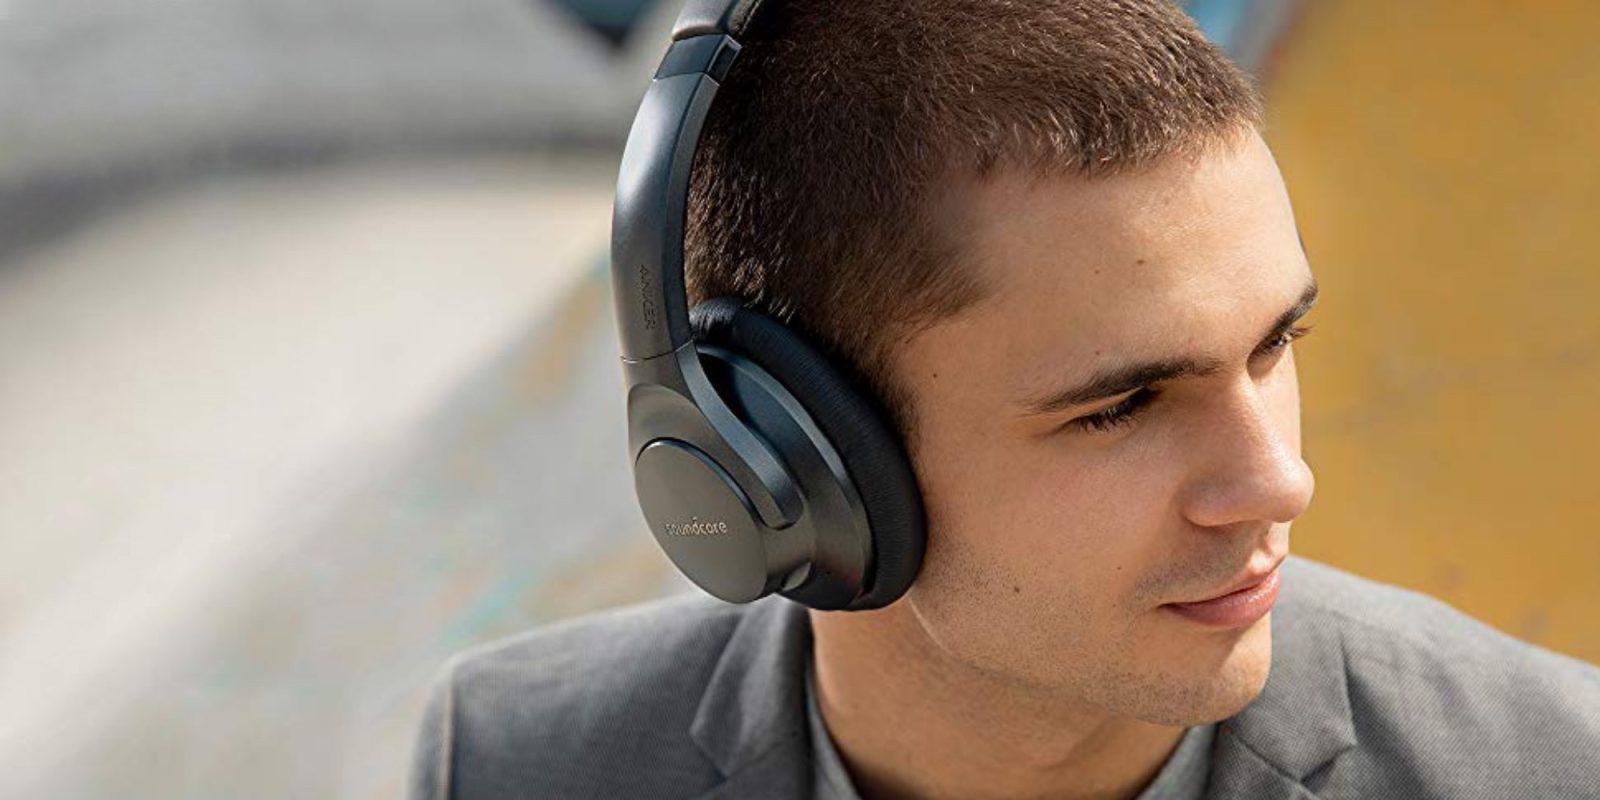 Cut noise w/ Anker's Soundcore 2 ANC Headphones: $50 (25% off